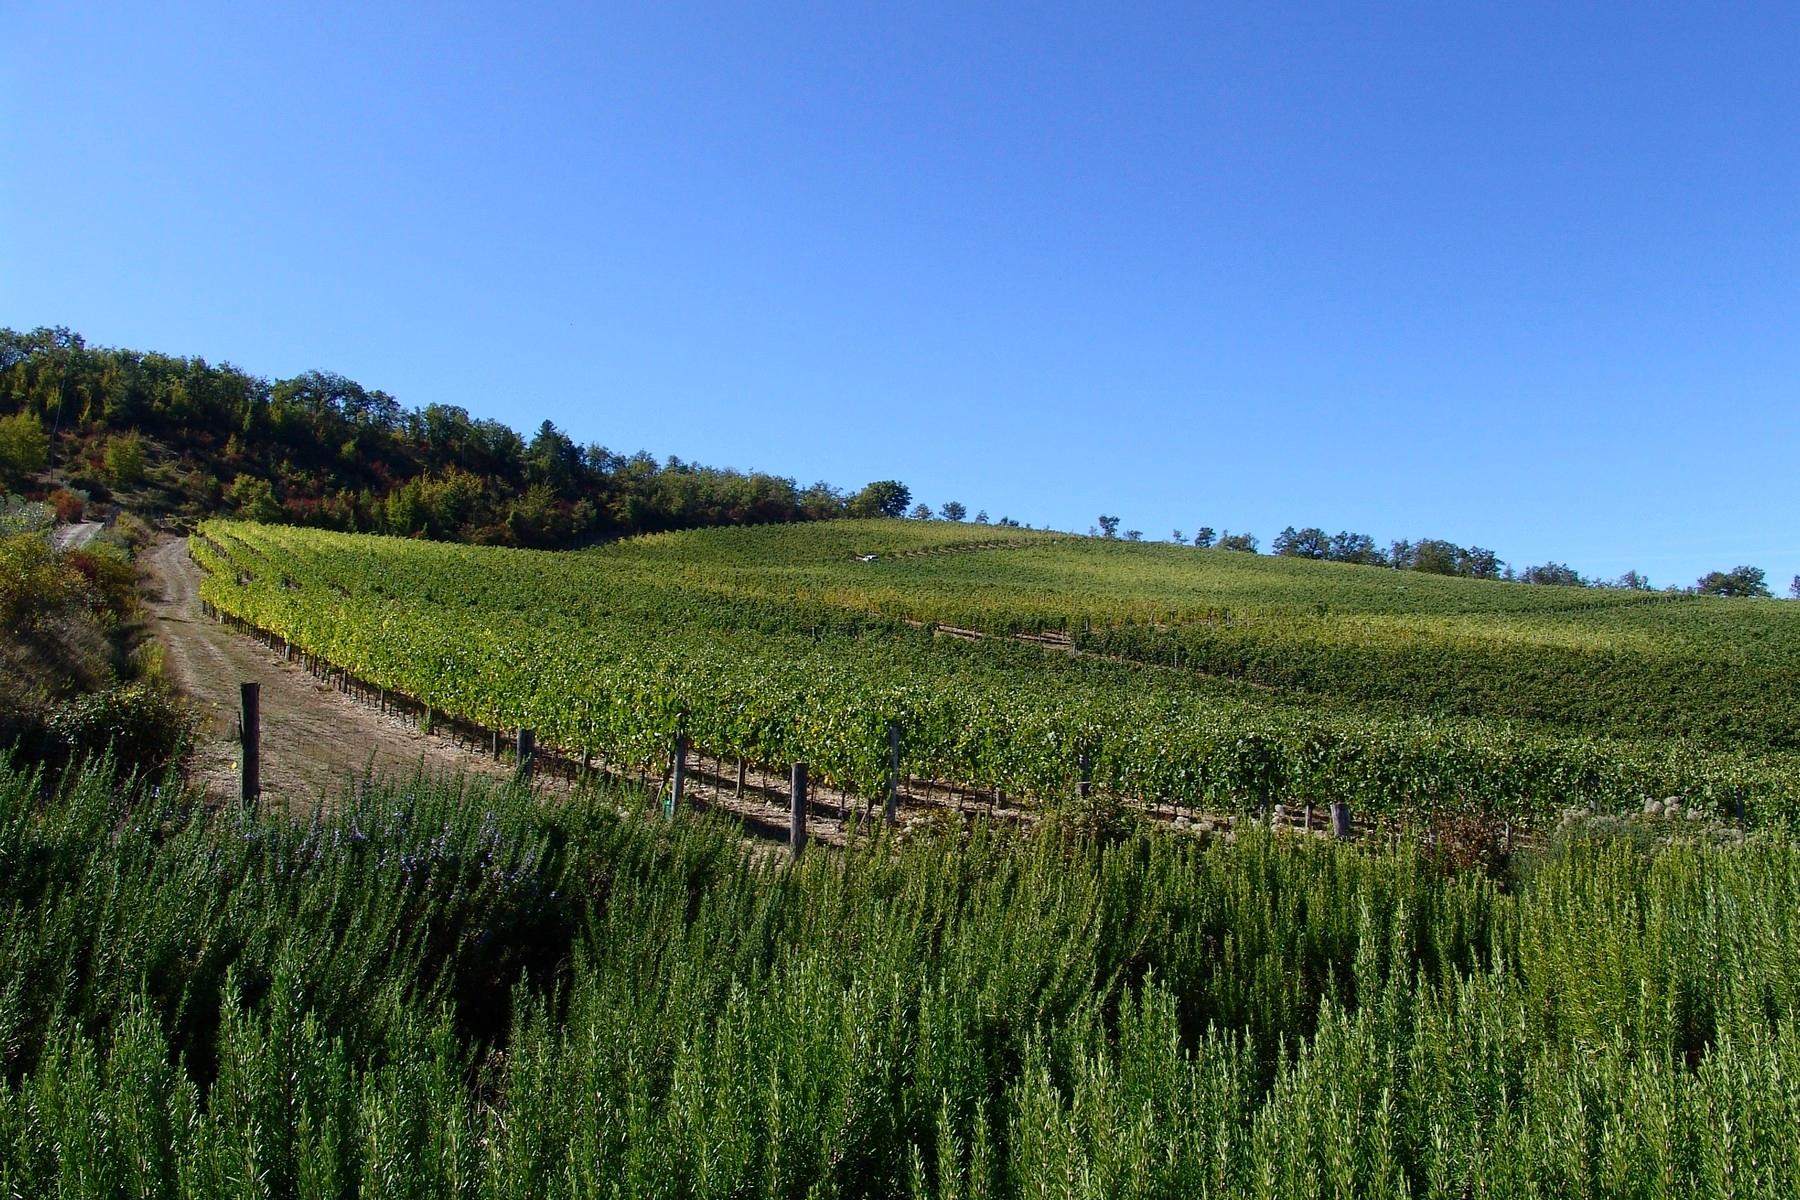 Rustico in Vendita a Gaiole In Chianti: 5 locali, 1380 mq - Foto 6